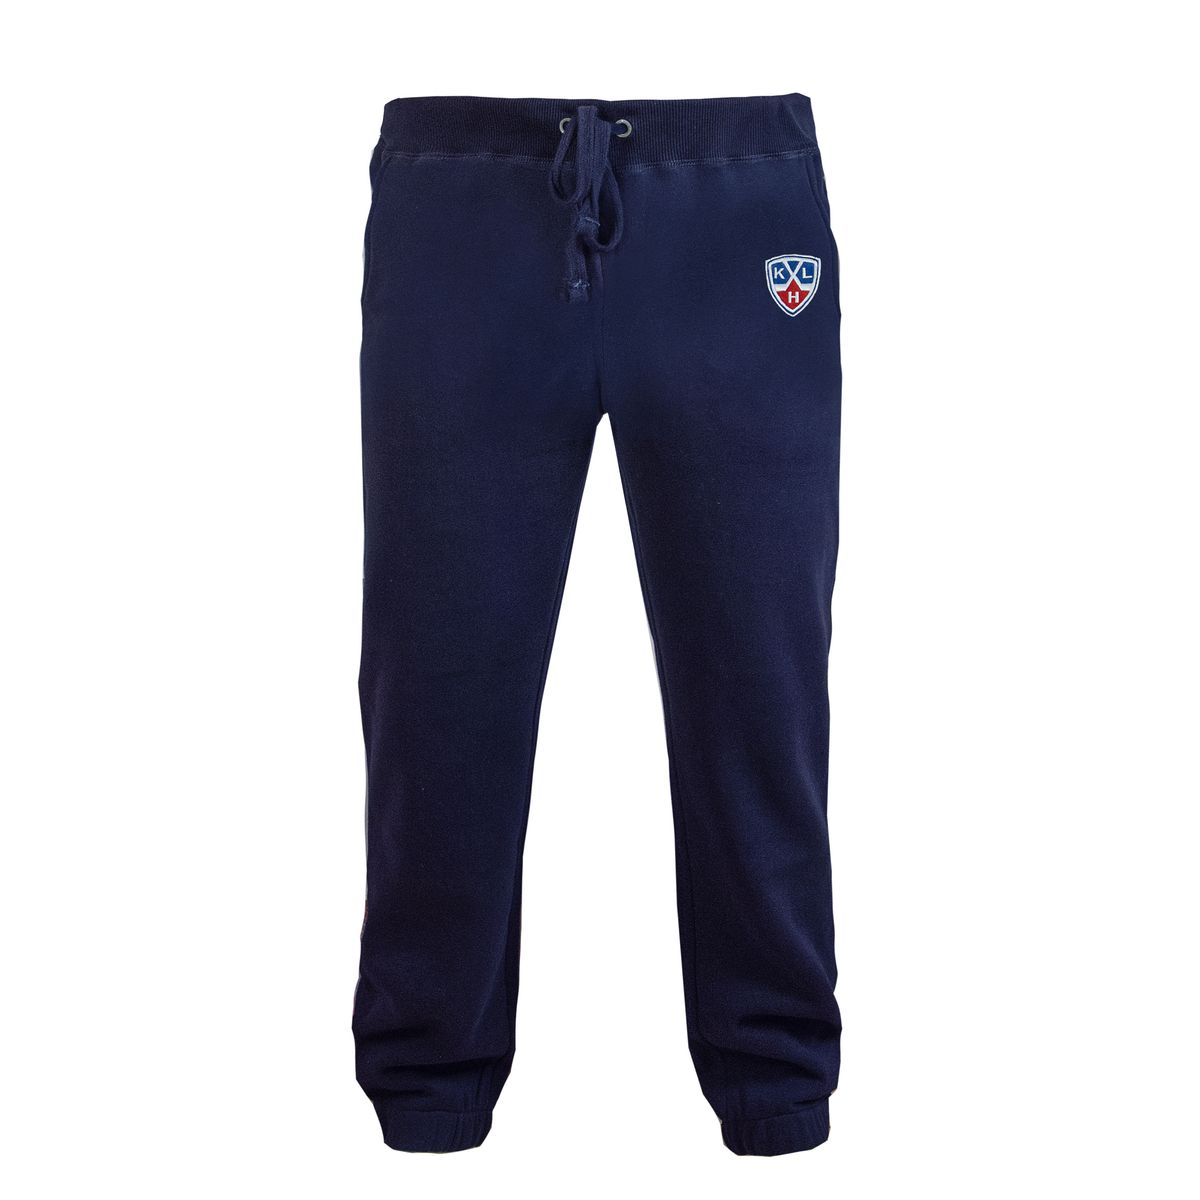 Брюки спортивные детские КХЛ, цвет: темно-синий. 322020. Размер 32322020Спортивные брюки КХЛ с символикой клуба. Изготовлены из плотного трикотажа с мягкой ворсистой внутренней стороной. Дополнены двумя боковыми карманами и вышивкой.